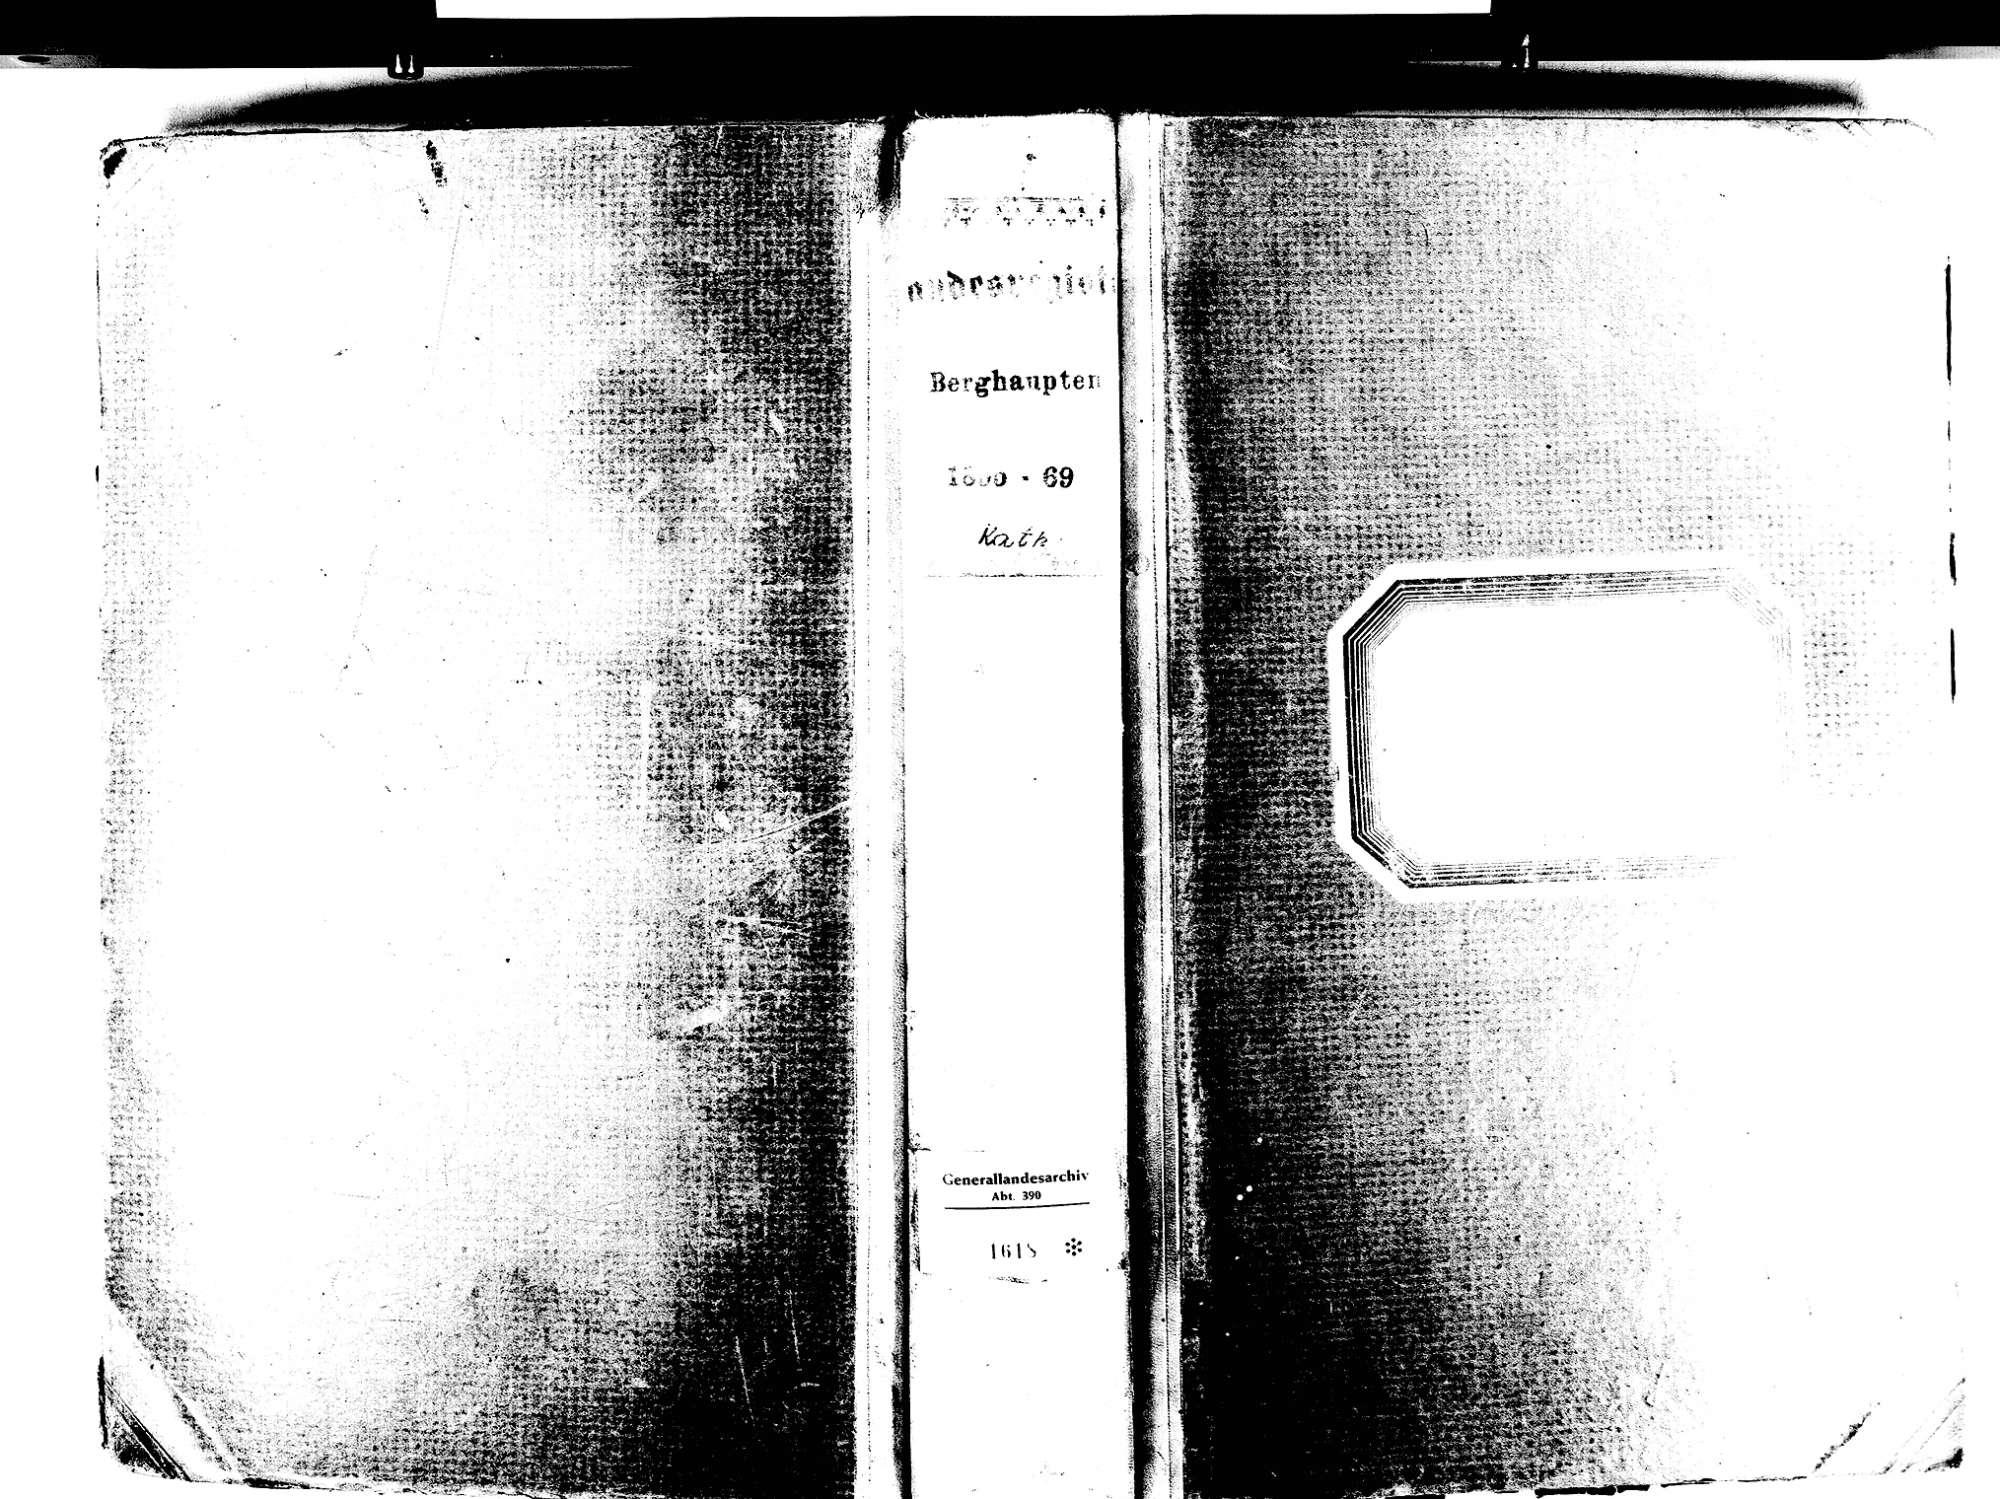 Berghaupten OG; Katholische Gemeinde: Standesbuch 1855-1869 Enthält: Einzelne Evangelische Einträge, Bild 1